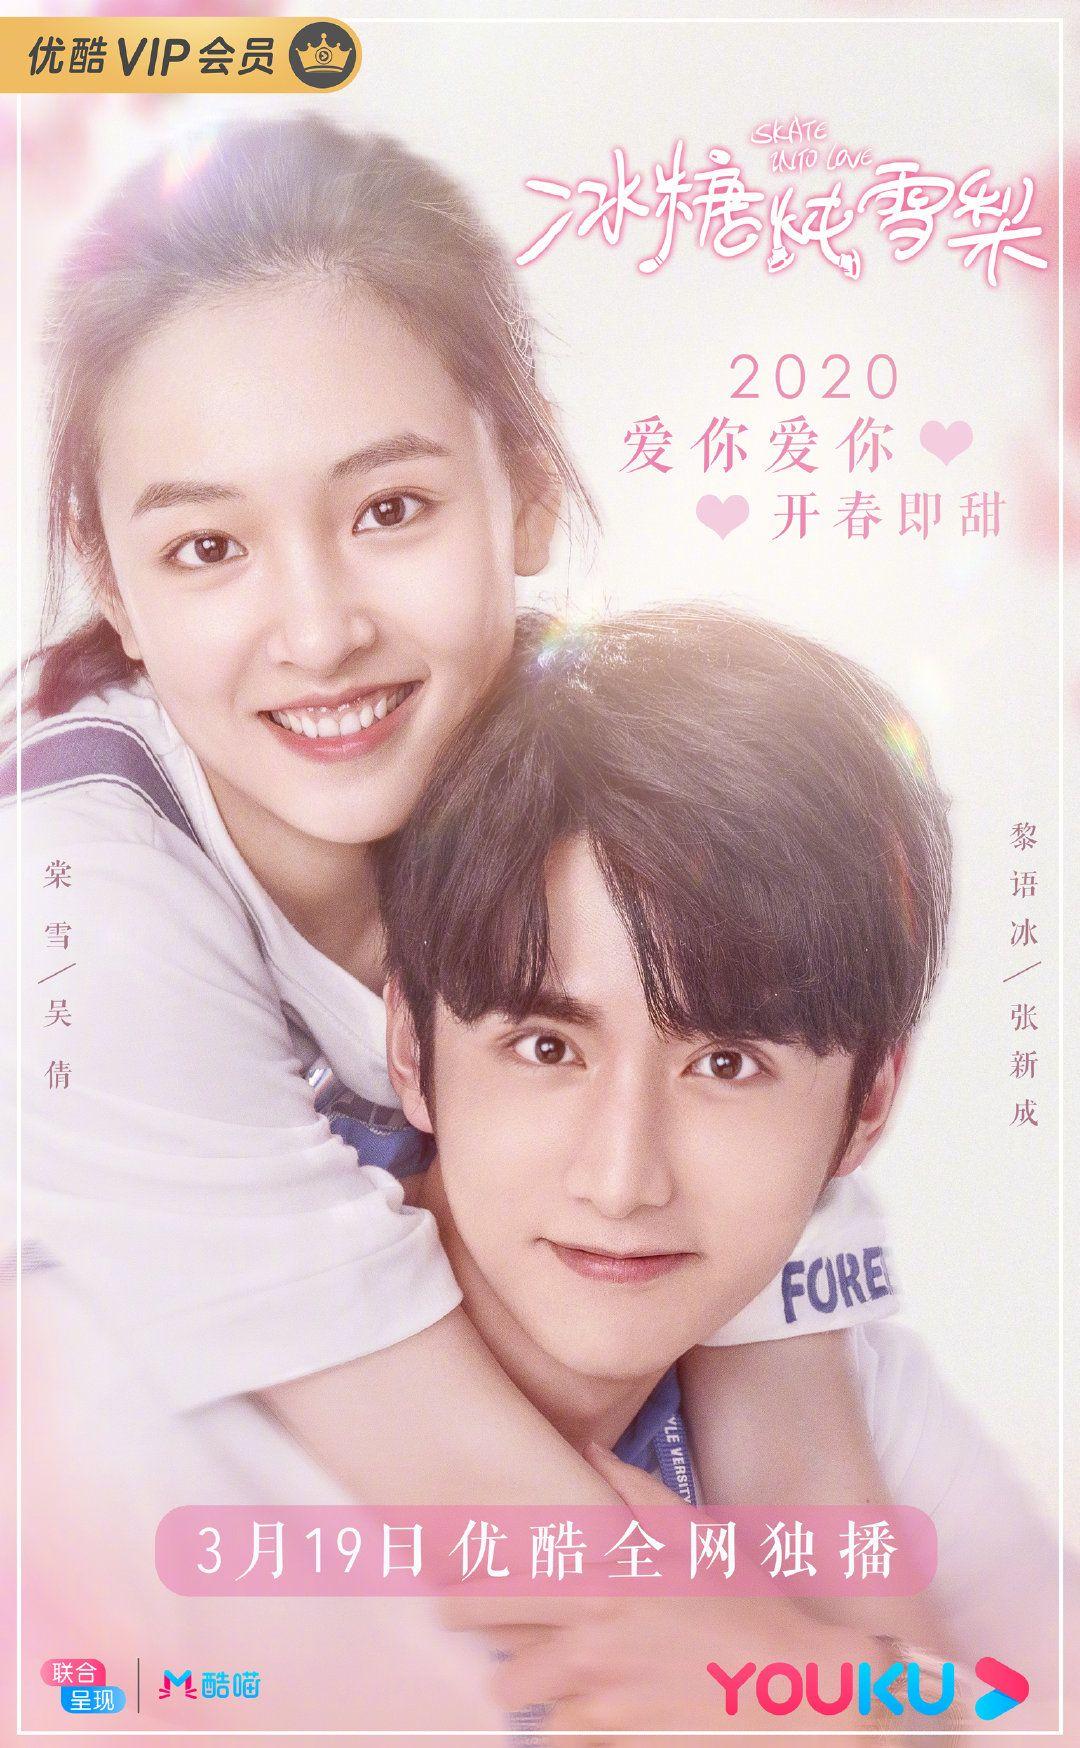 phim Trung Quốc 2020 Lê hấp đường phèn